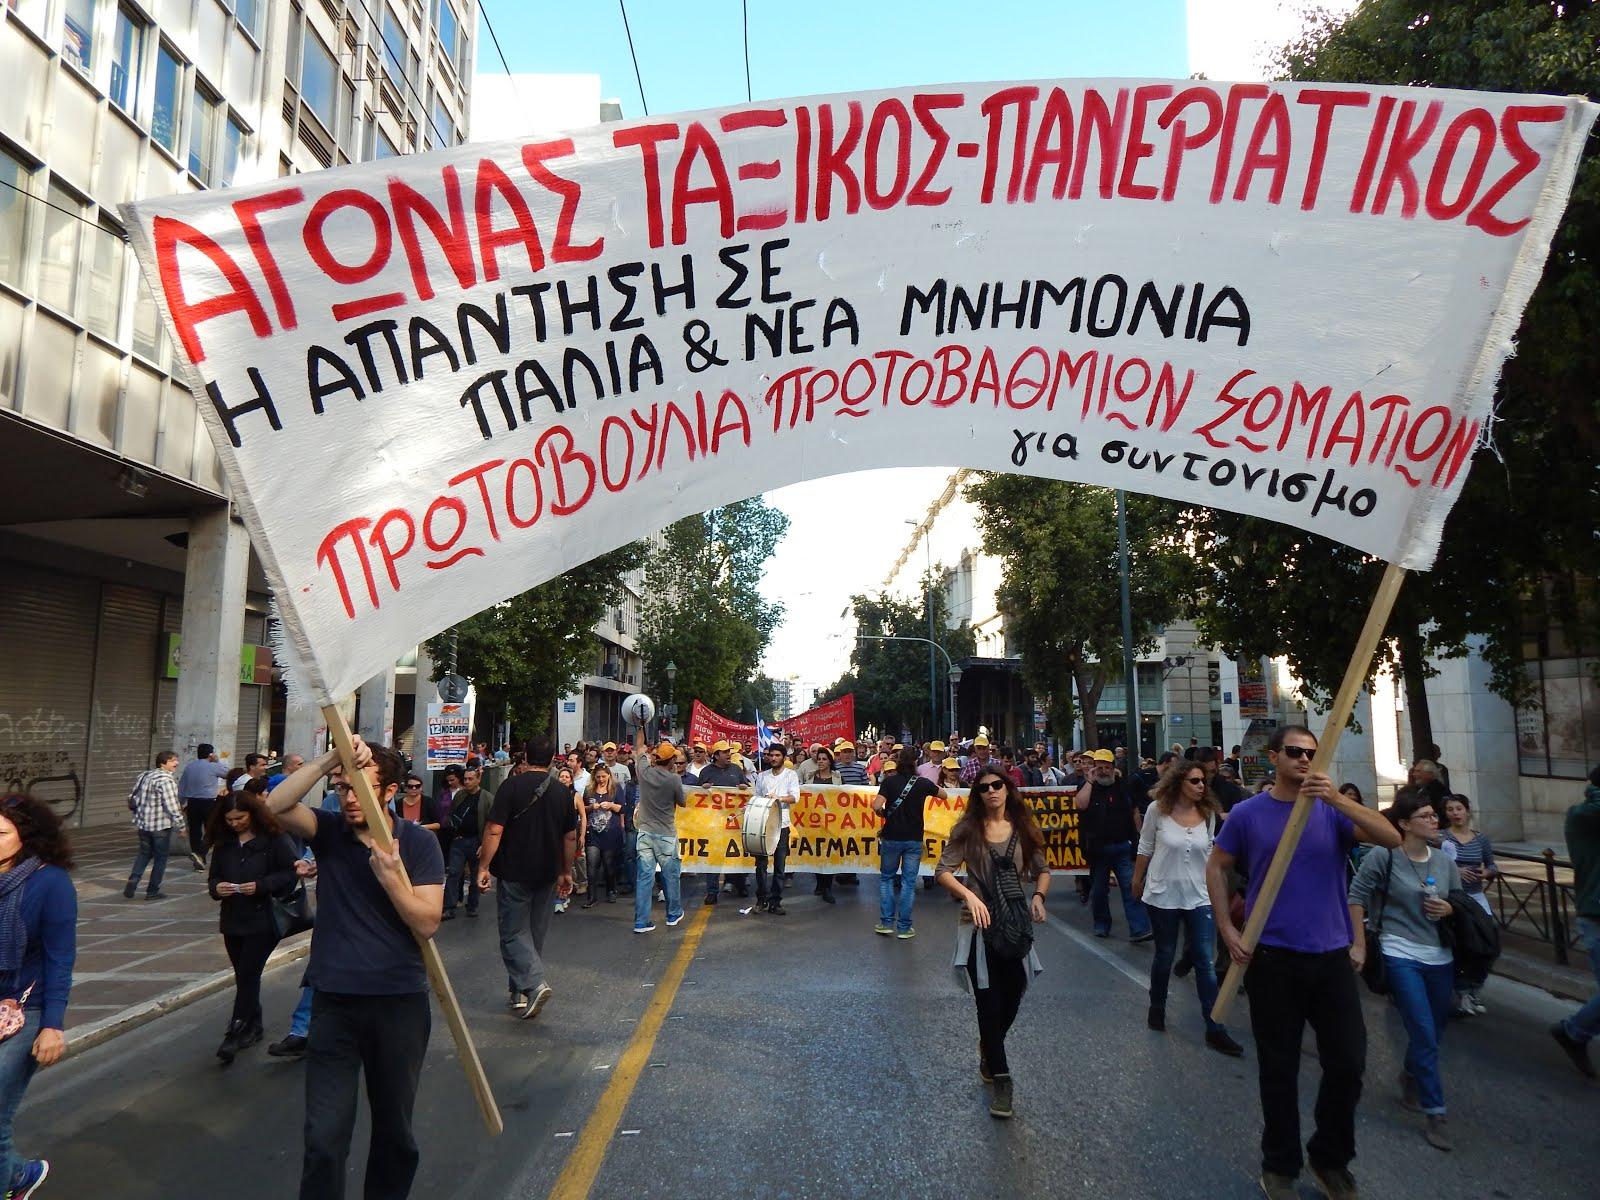 Για την πάλη των εργαζομένων, για τη συσπείρωση των ταξικών σωματείων